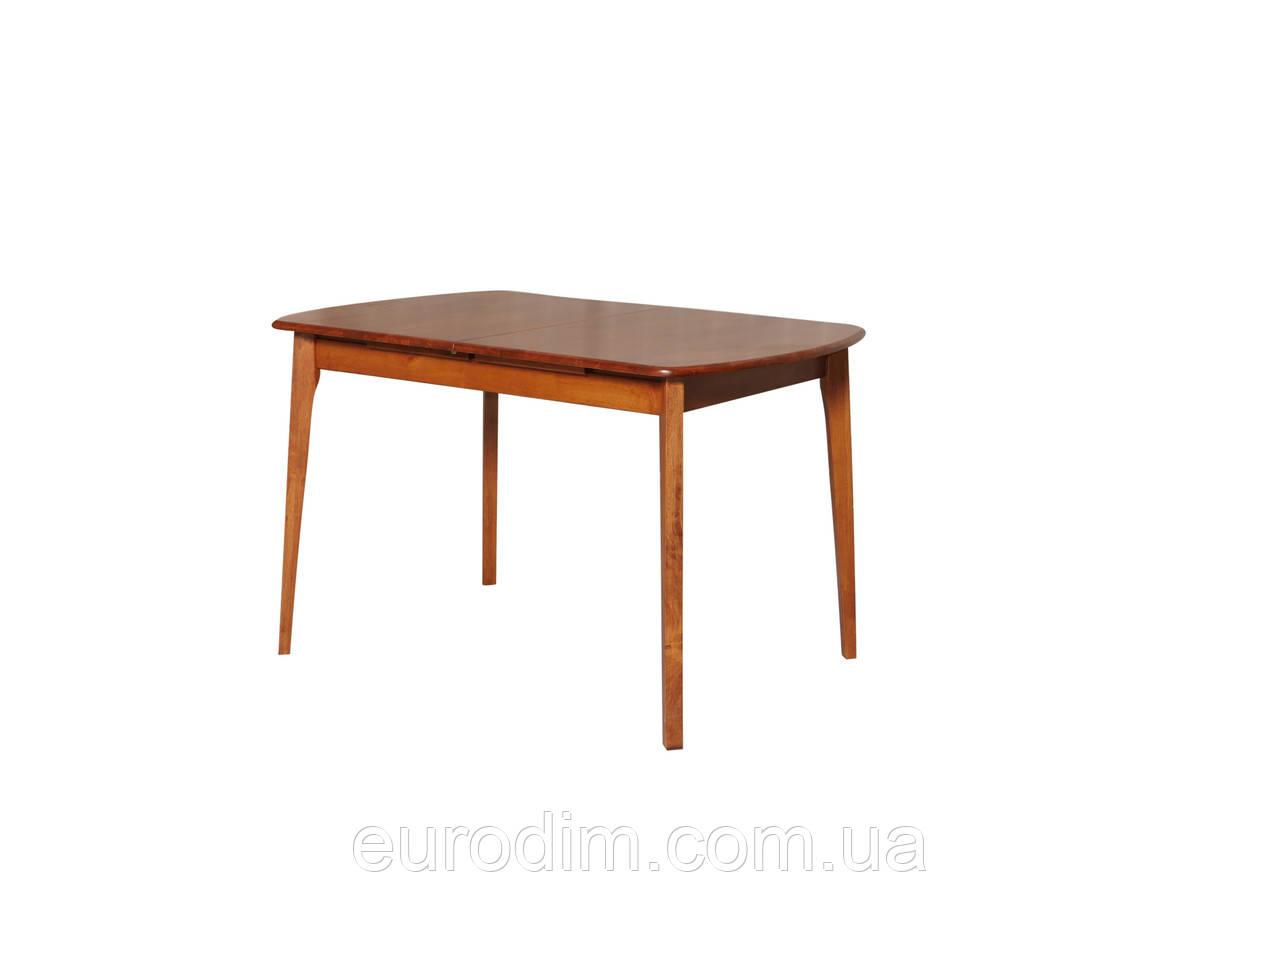 Стол обеденный EXT 3248 H4  орех античный